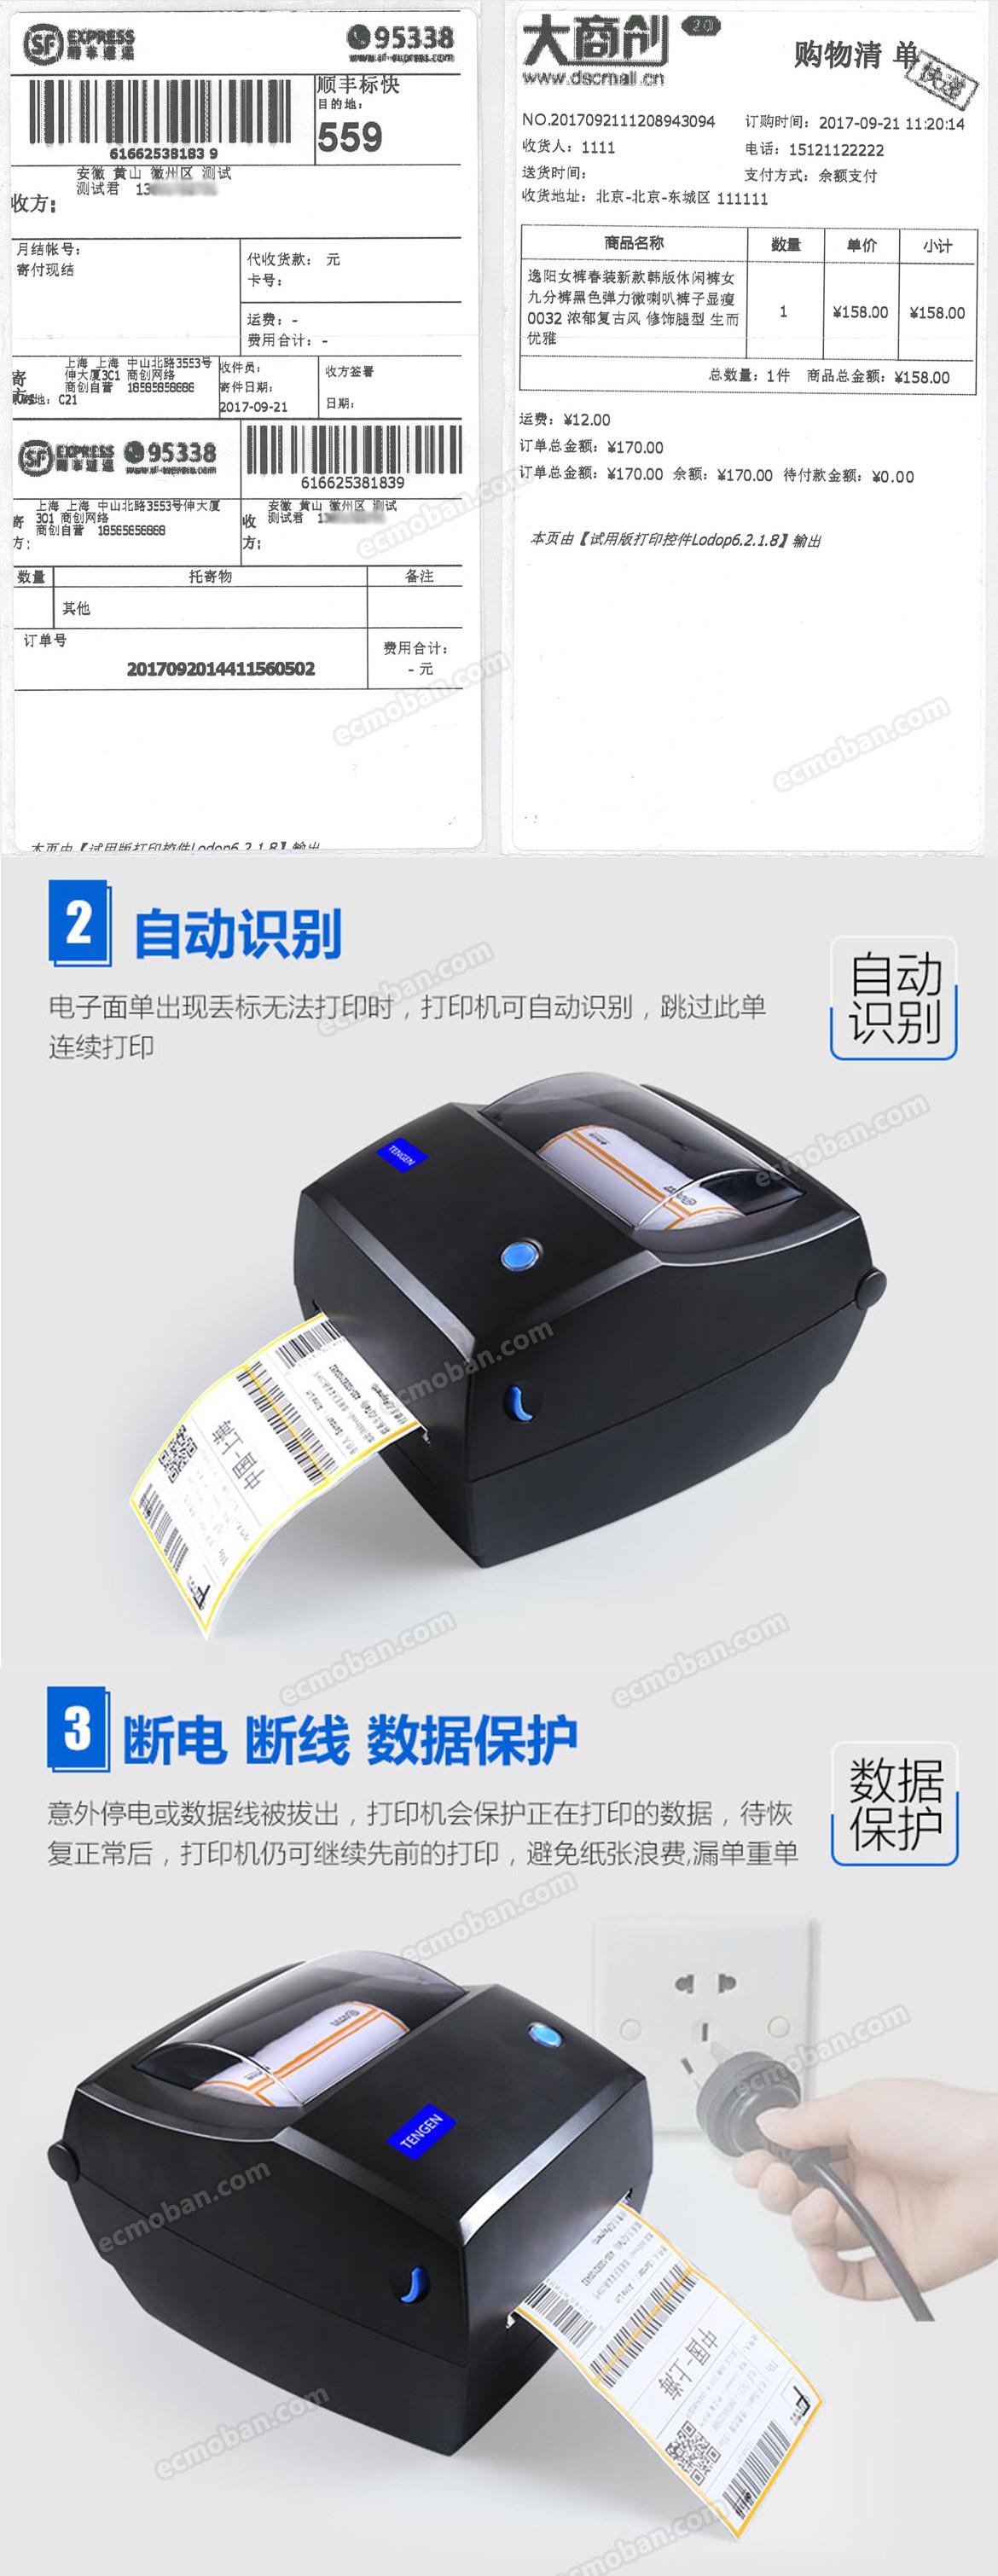 面单打印机3.jpg